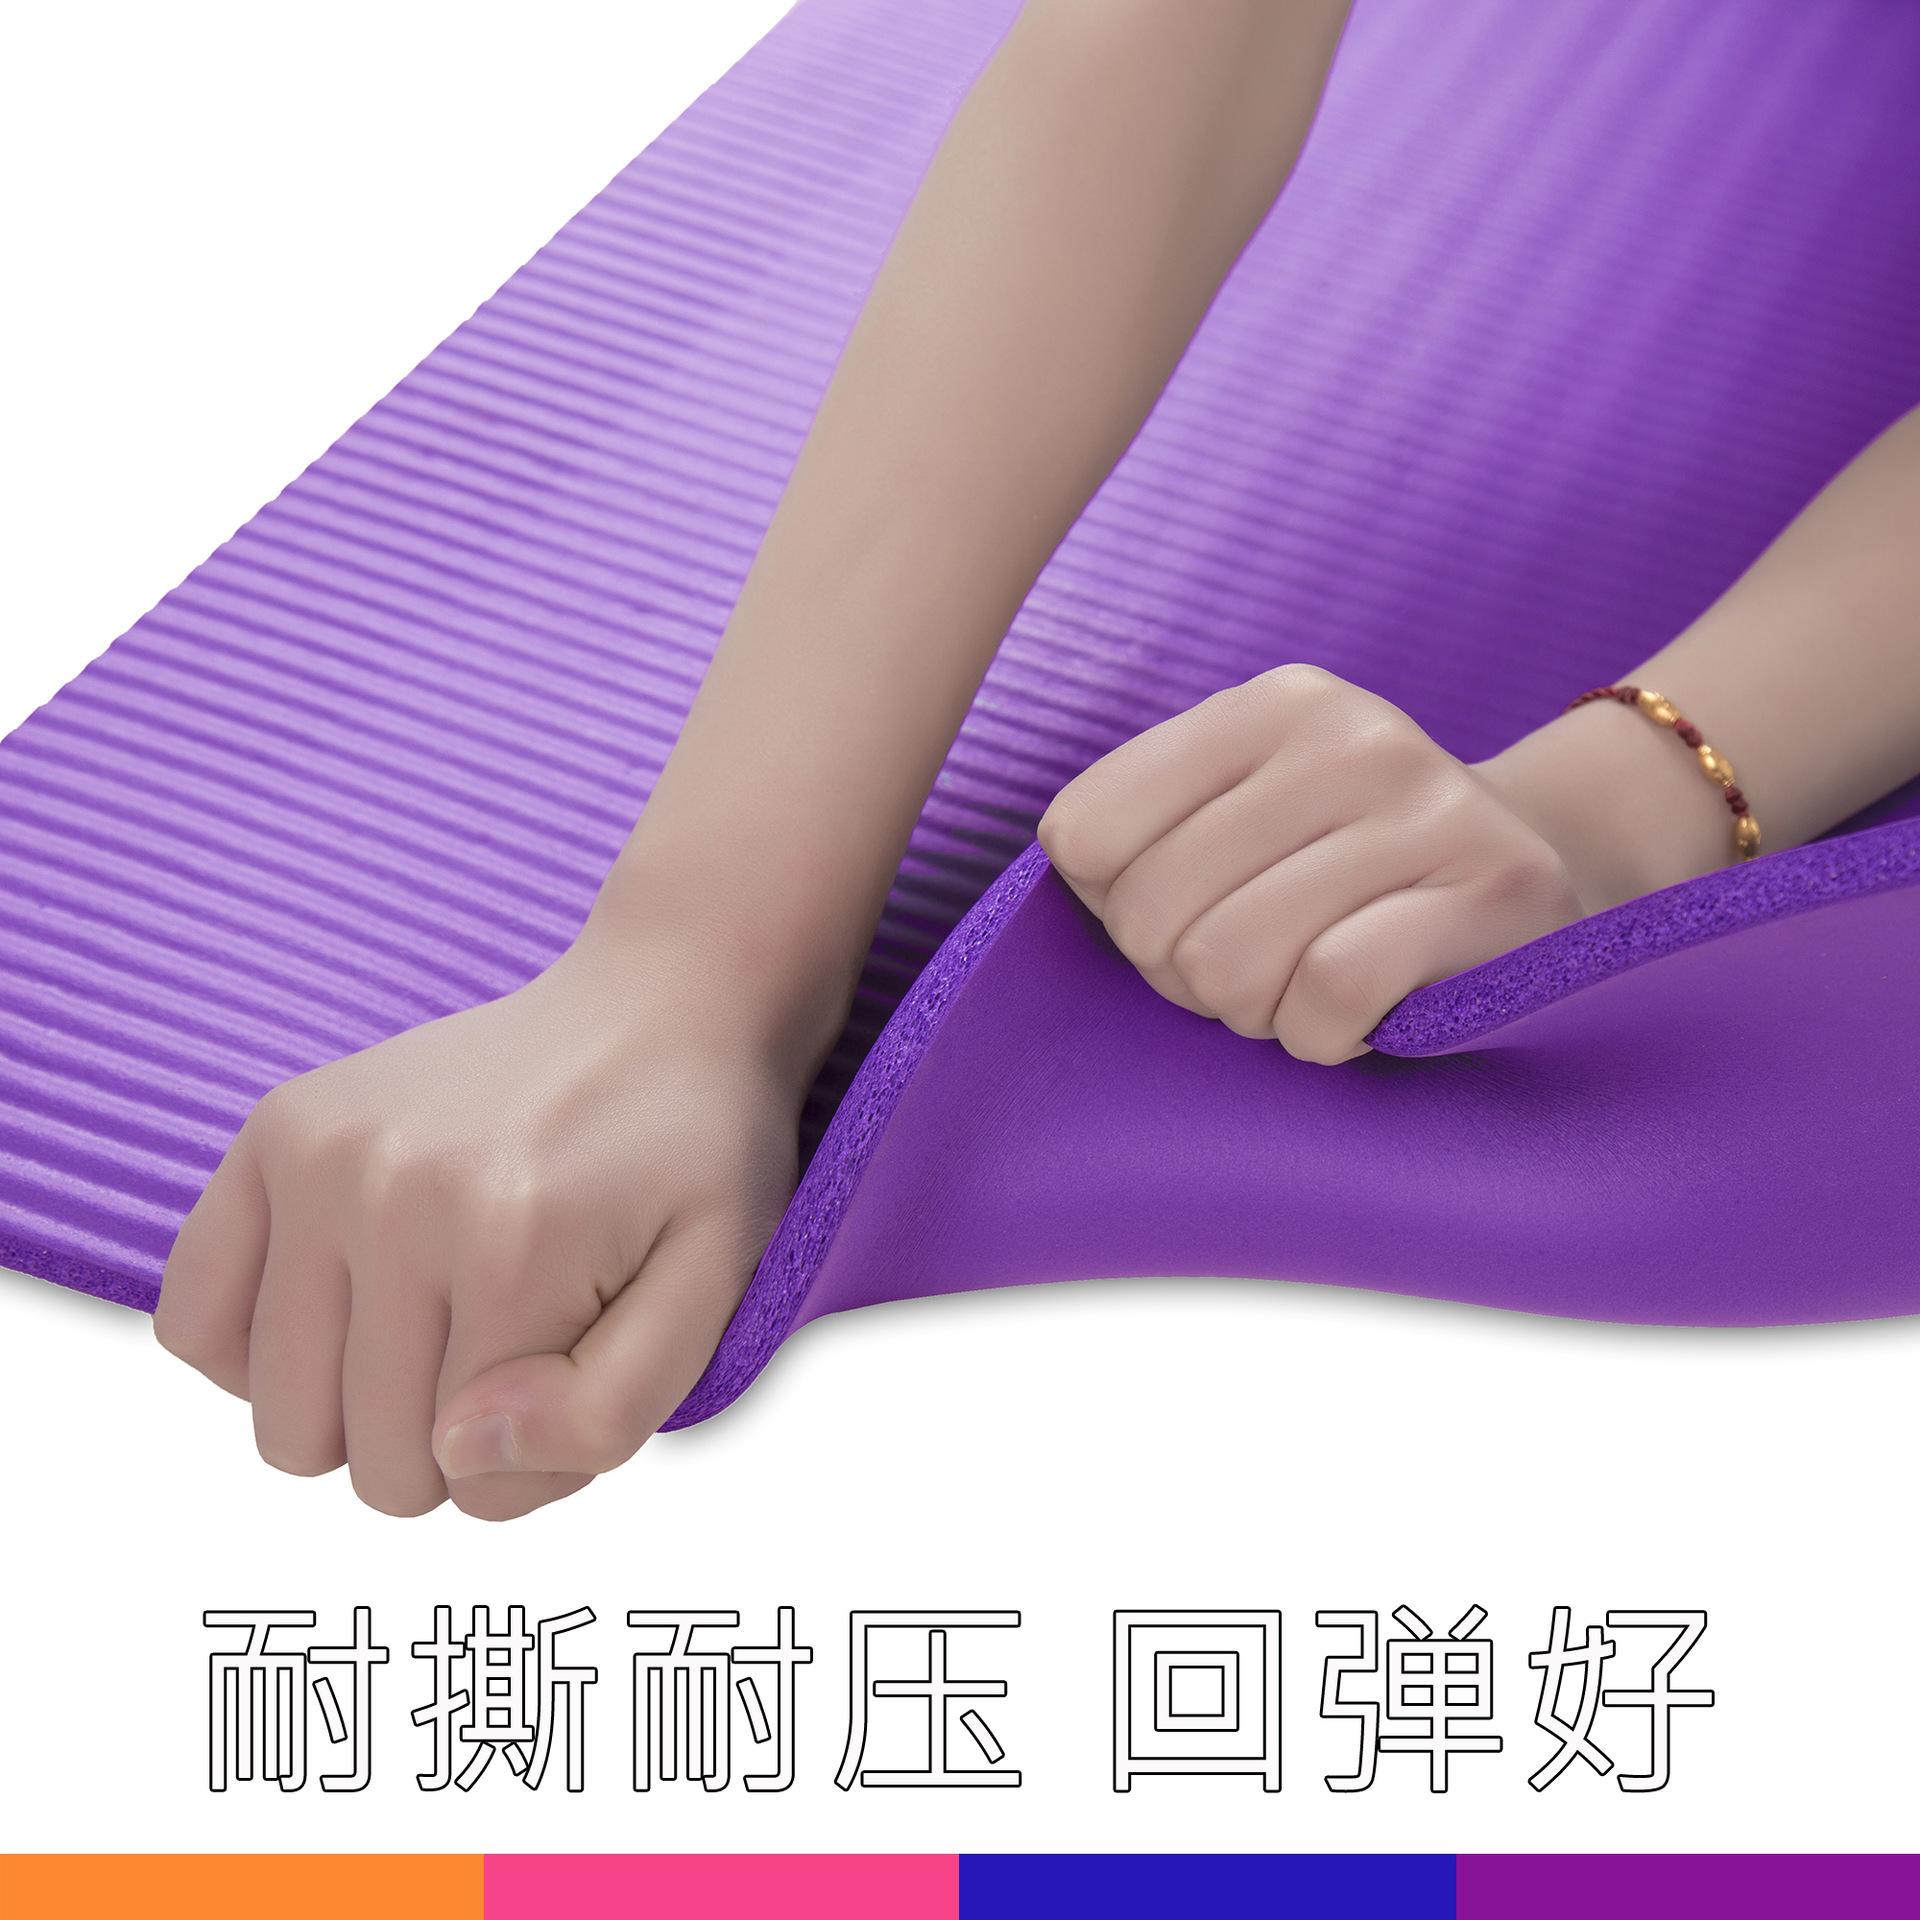 NBR瑜伽垫初学10MM加长愈加防滑健身仰卧起坐垫子特价加厚瑜珈垫